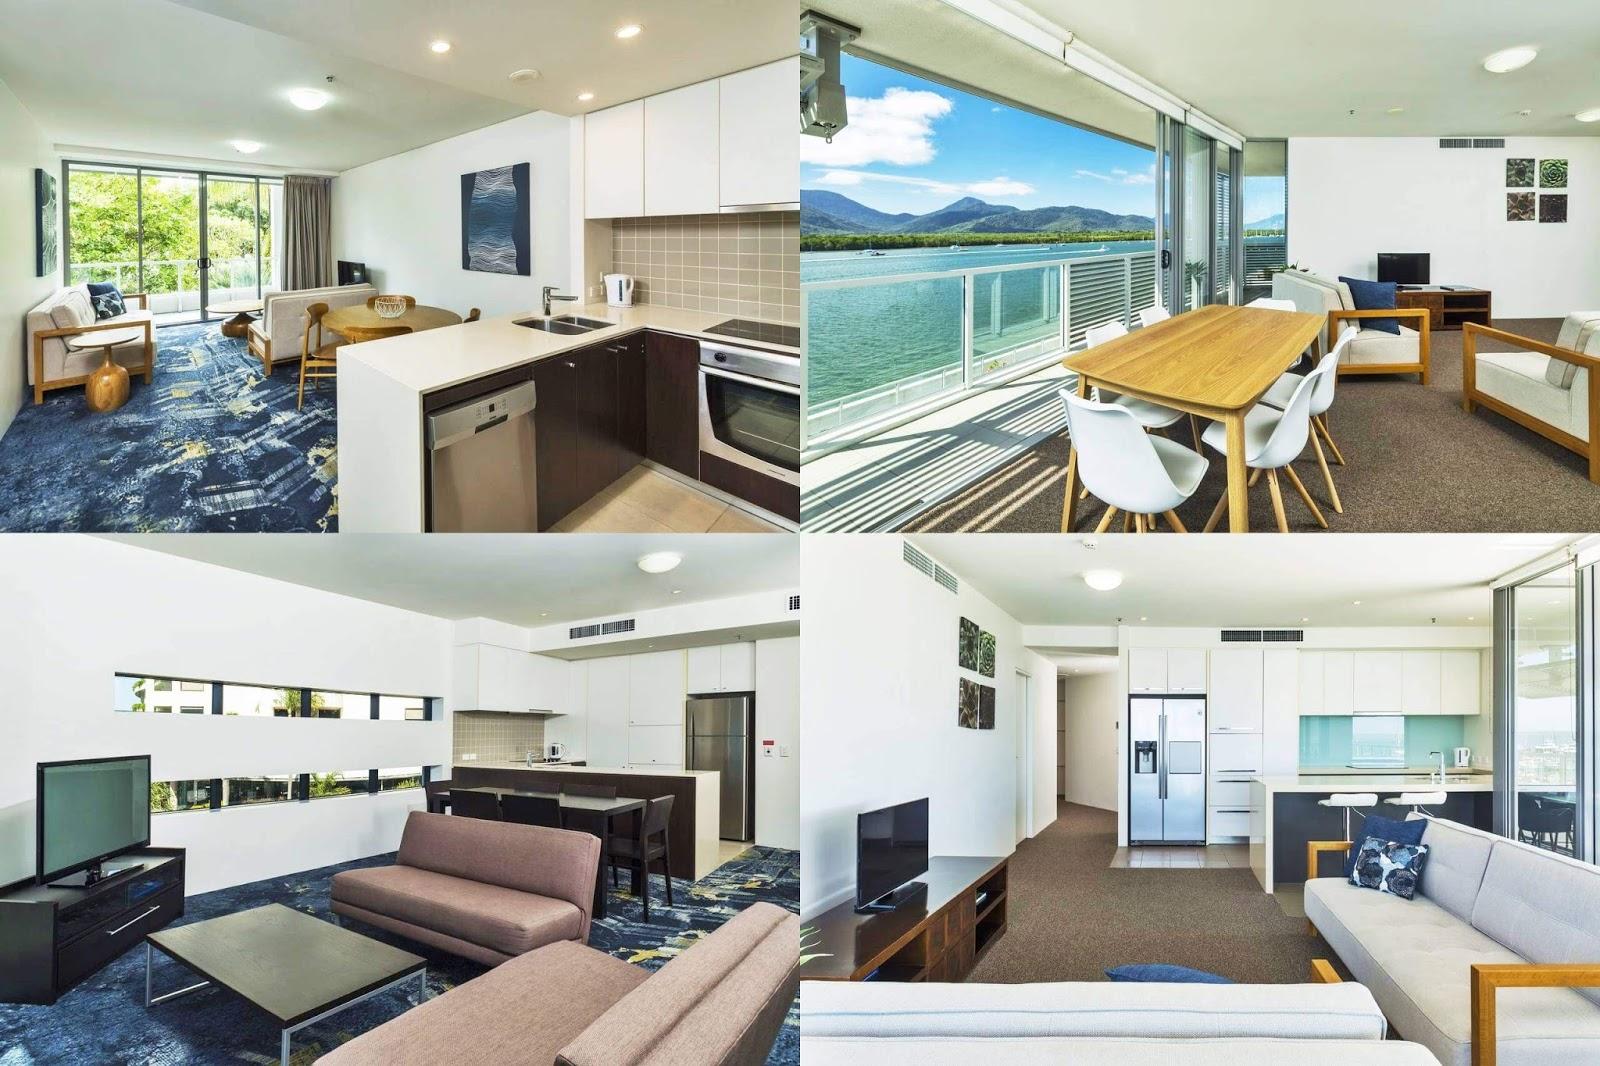 凱恩斯-住宿-推薦-哈伯萊茨-飯店-旅館-民宿-公寓-酒店-Cairns-Harbour-Lights-Hotel